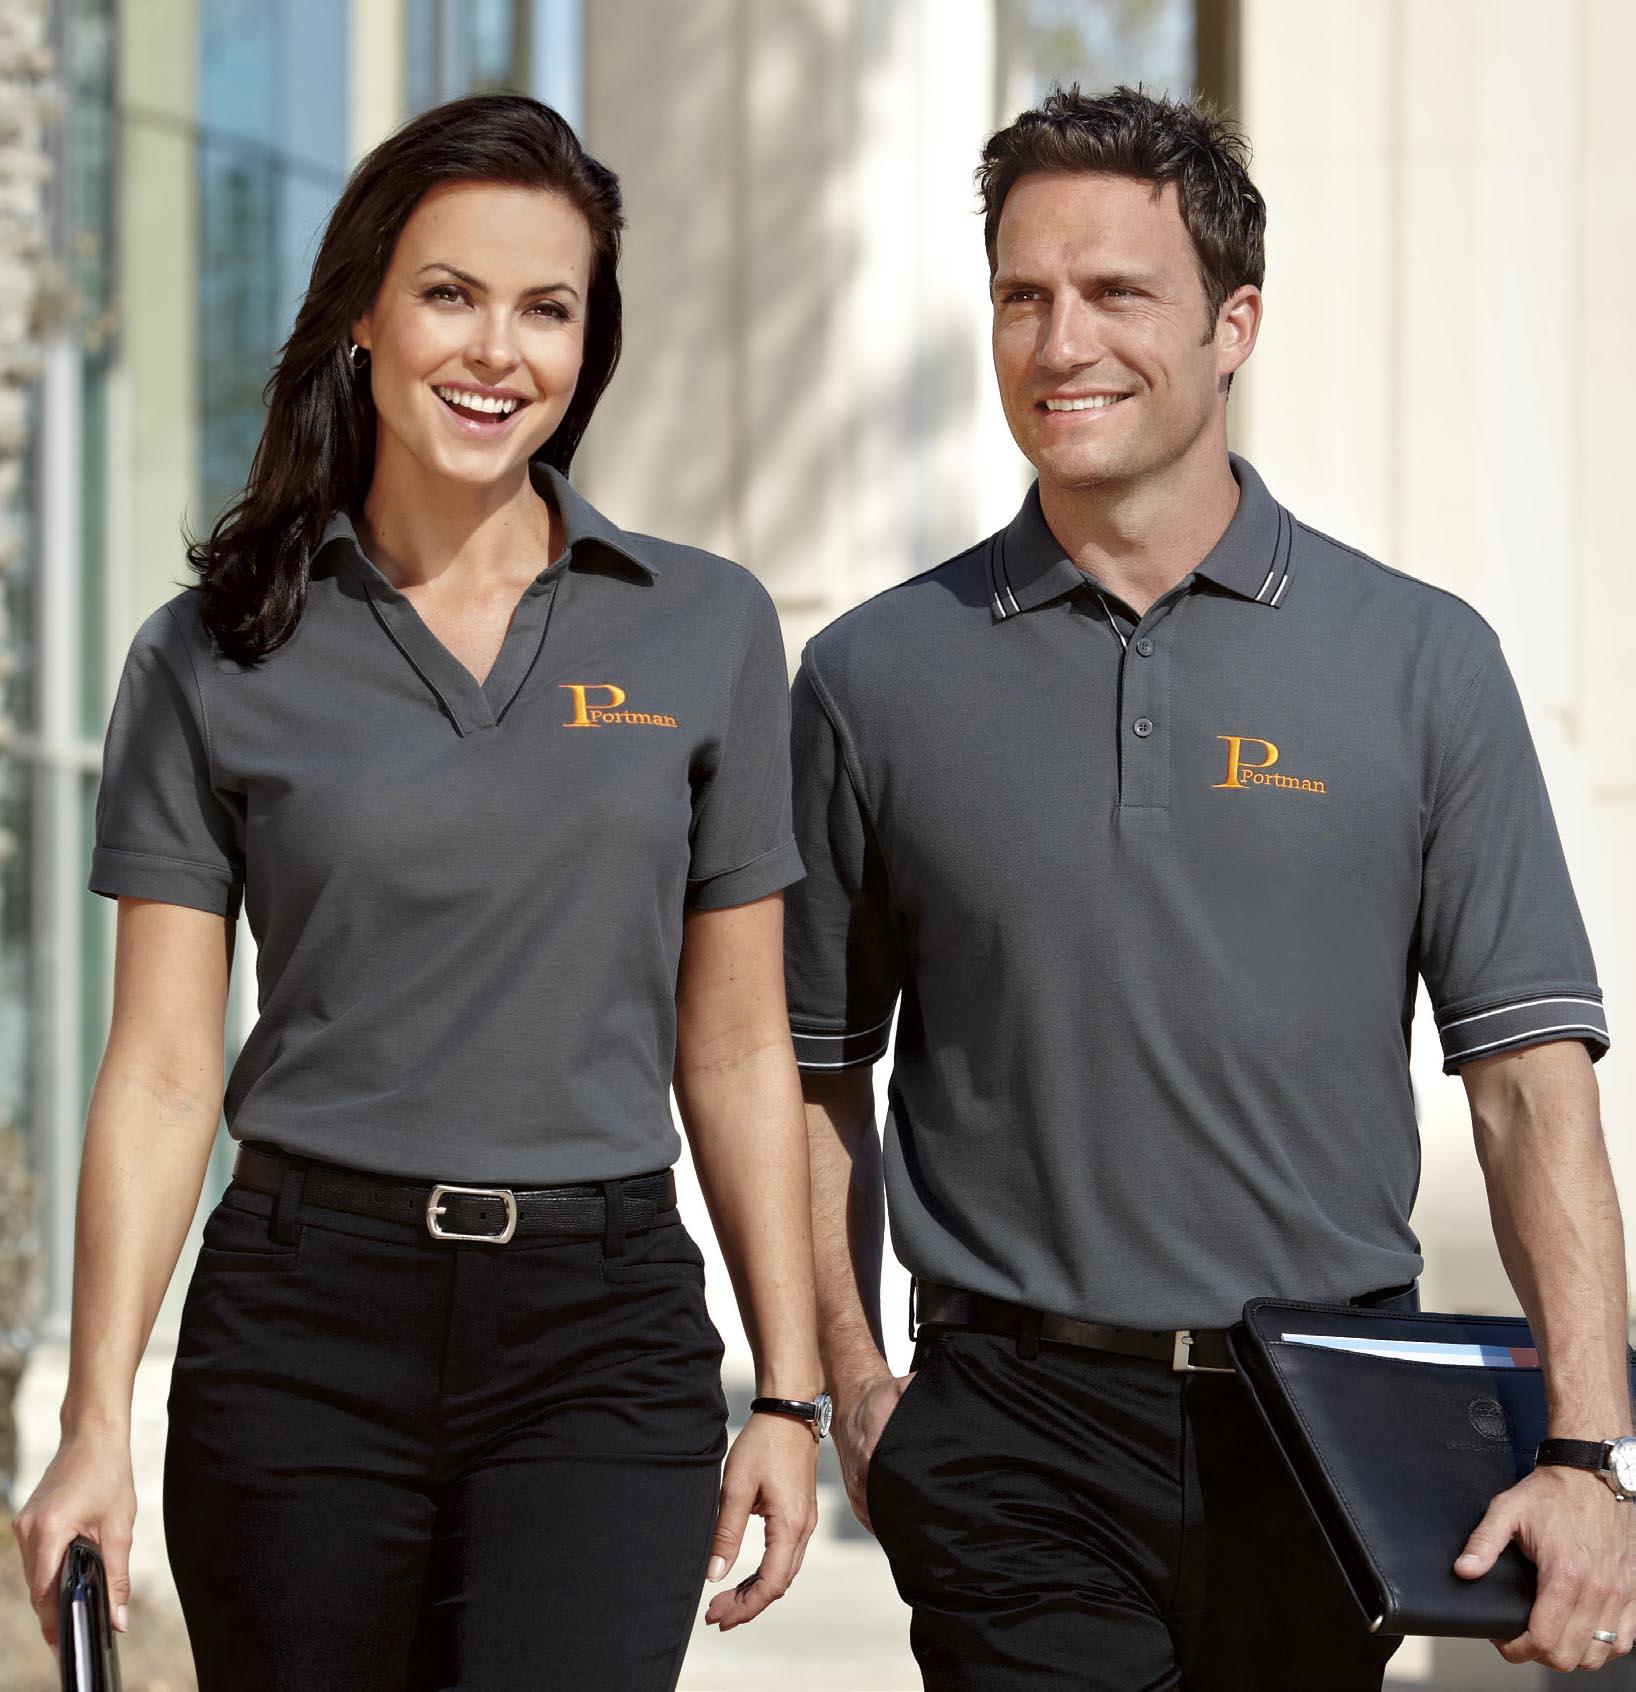 Tiêu chí chọn xưởng may sản xuát áo thun đồng phục giá rẻ